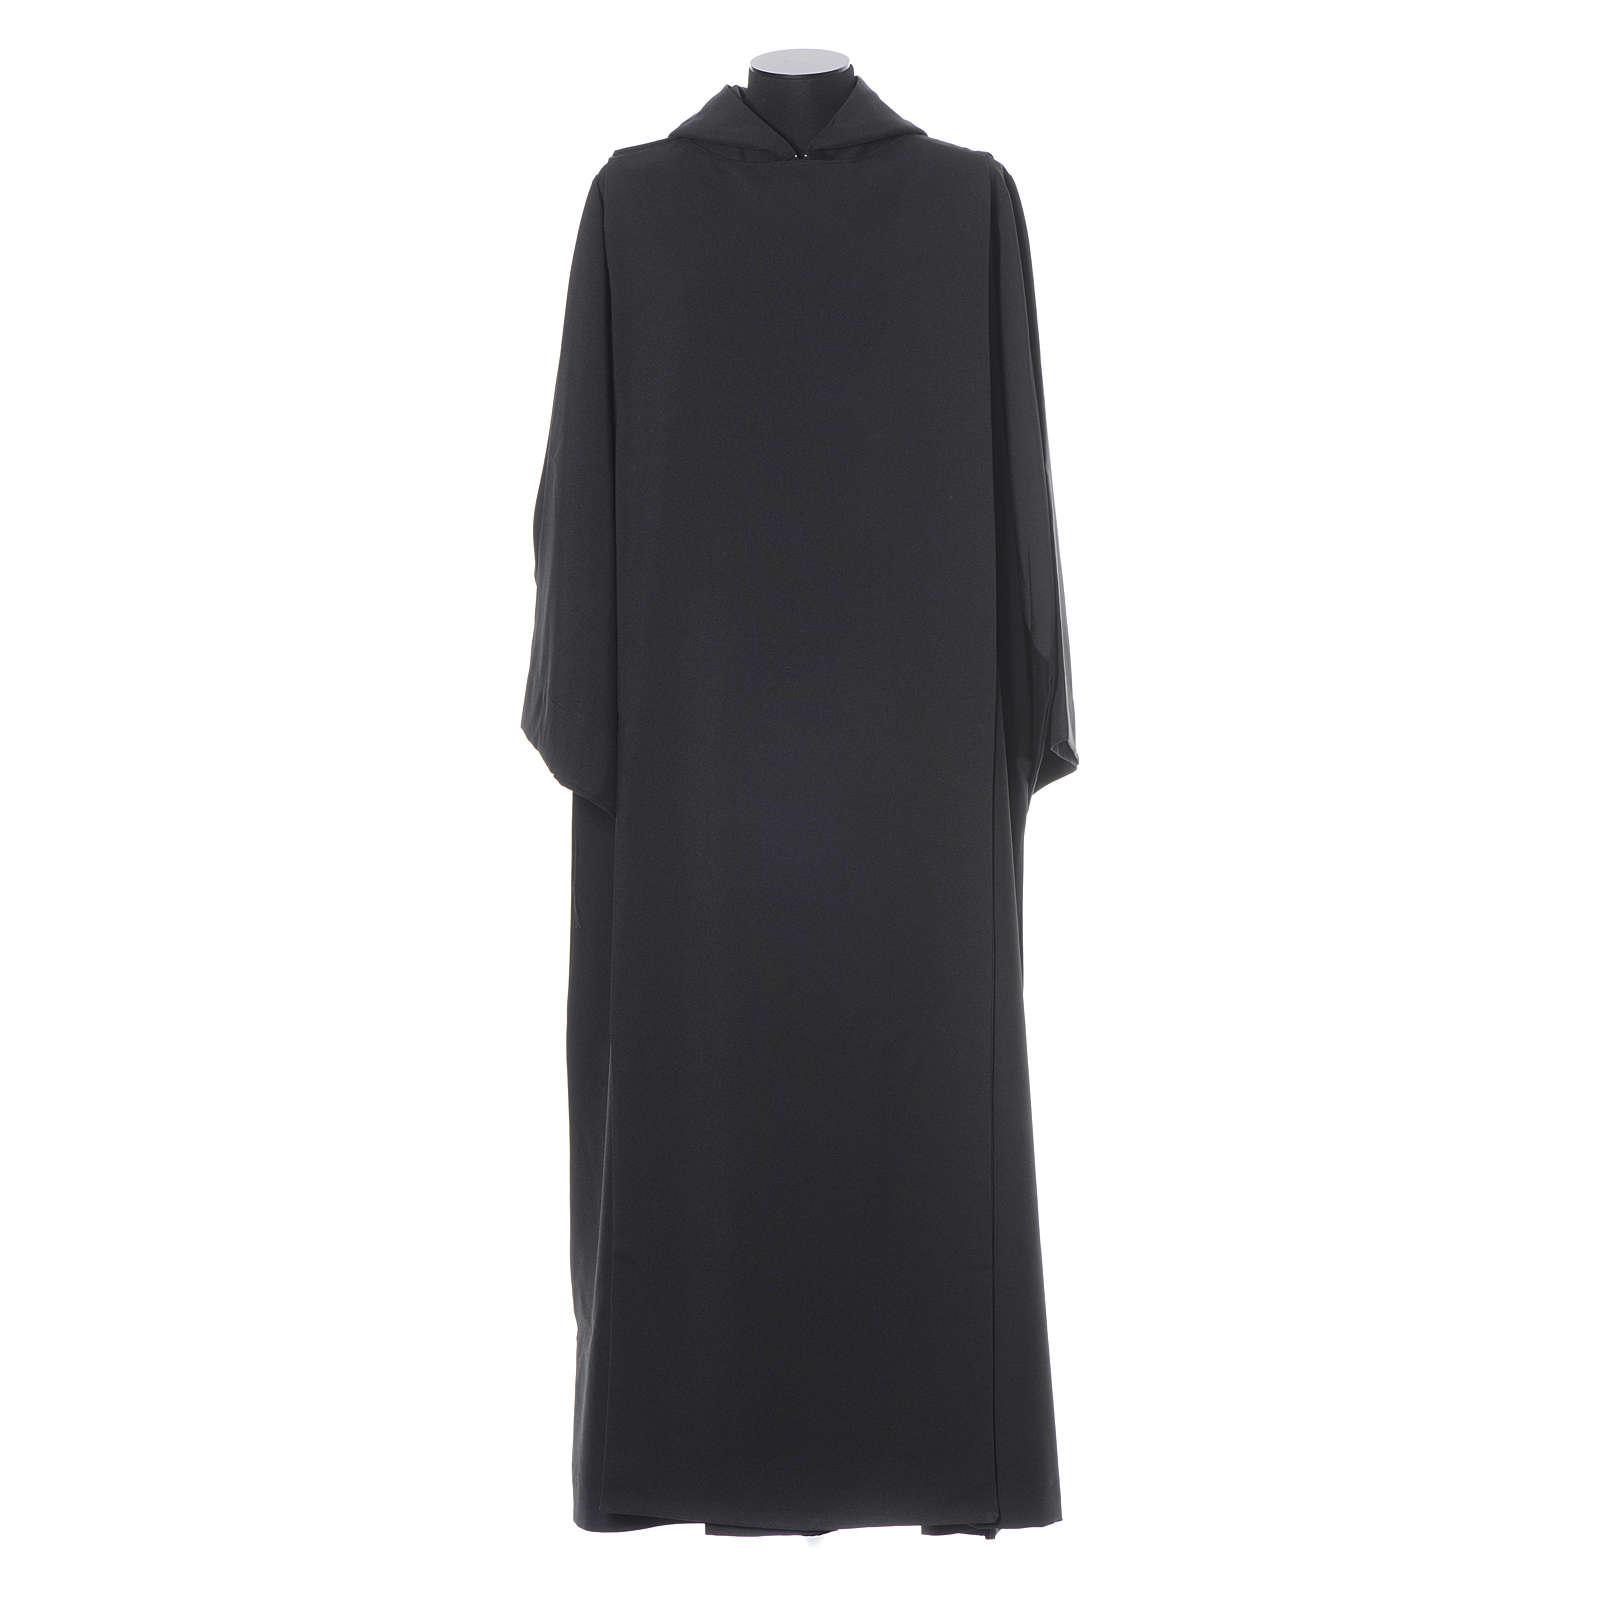 Benediktinische schwarze Albe aus Polyester 4